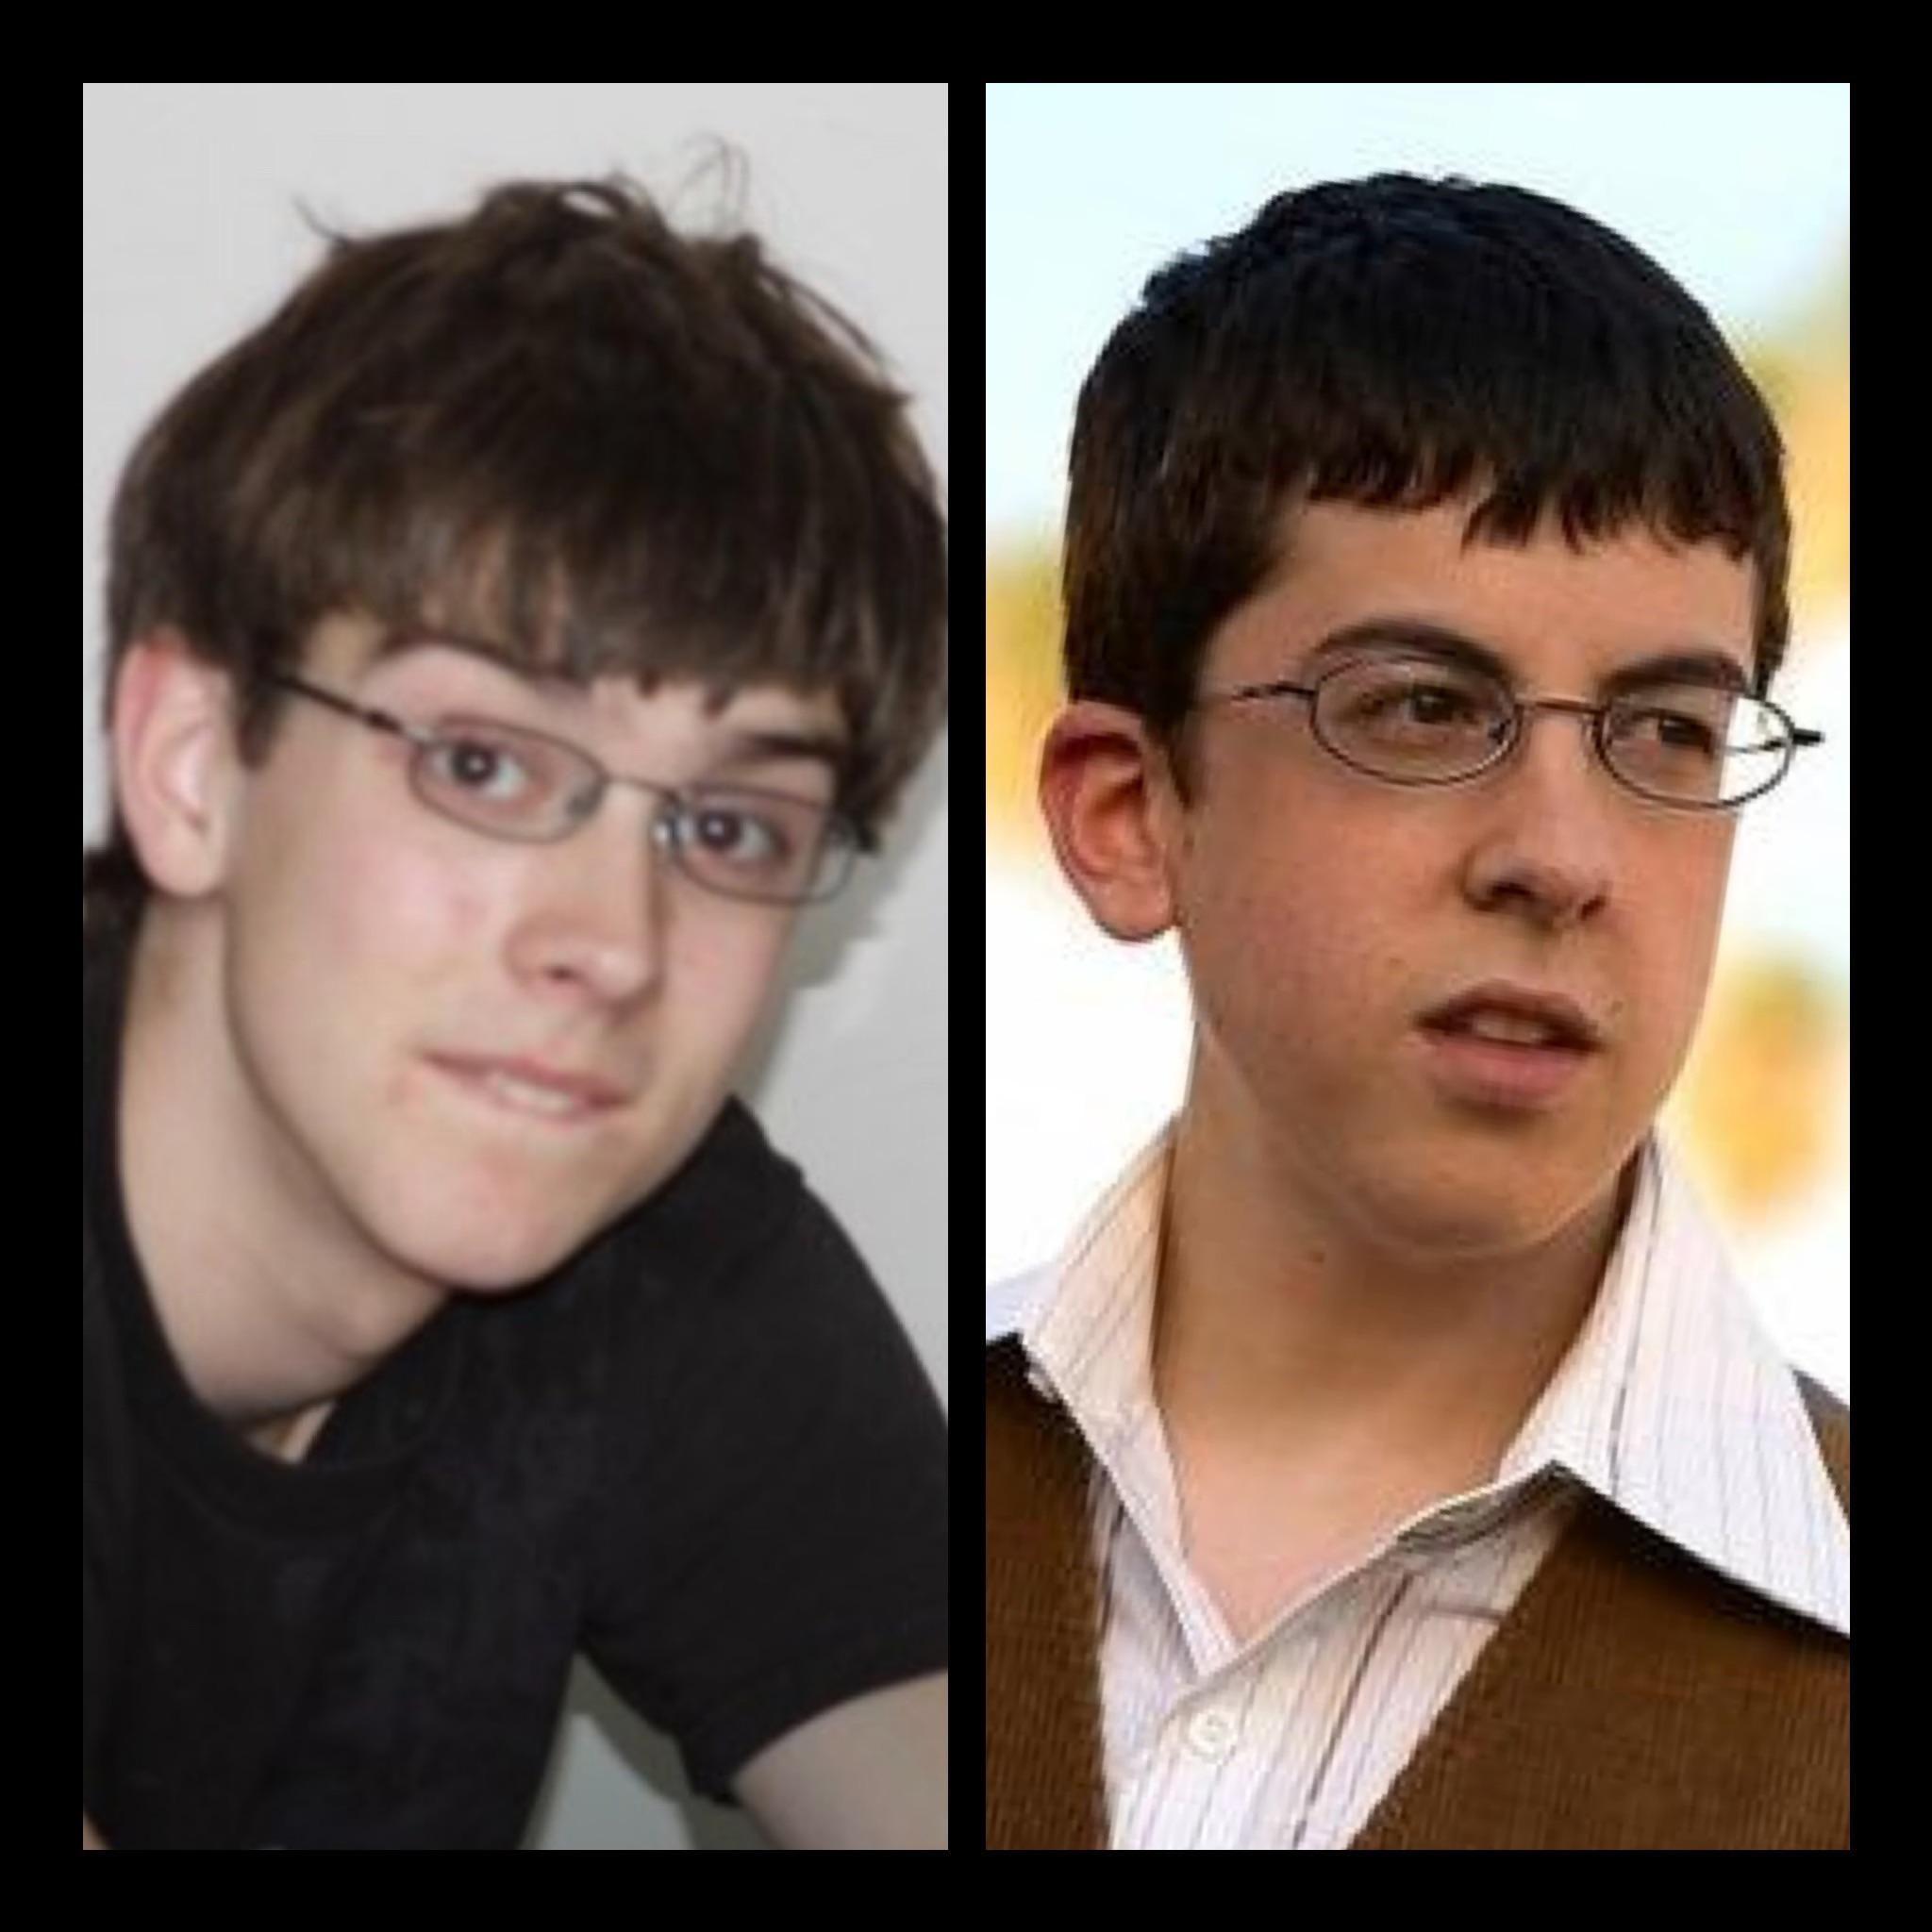 My boyfriend doesn't think he looked like McLovin as a kid.